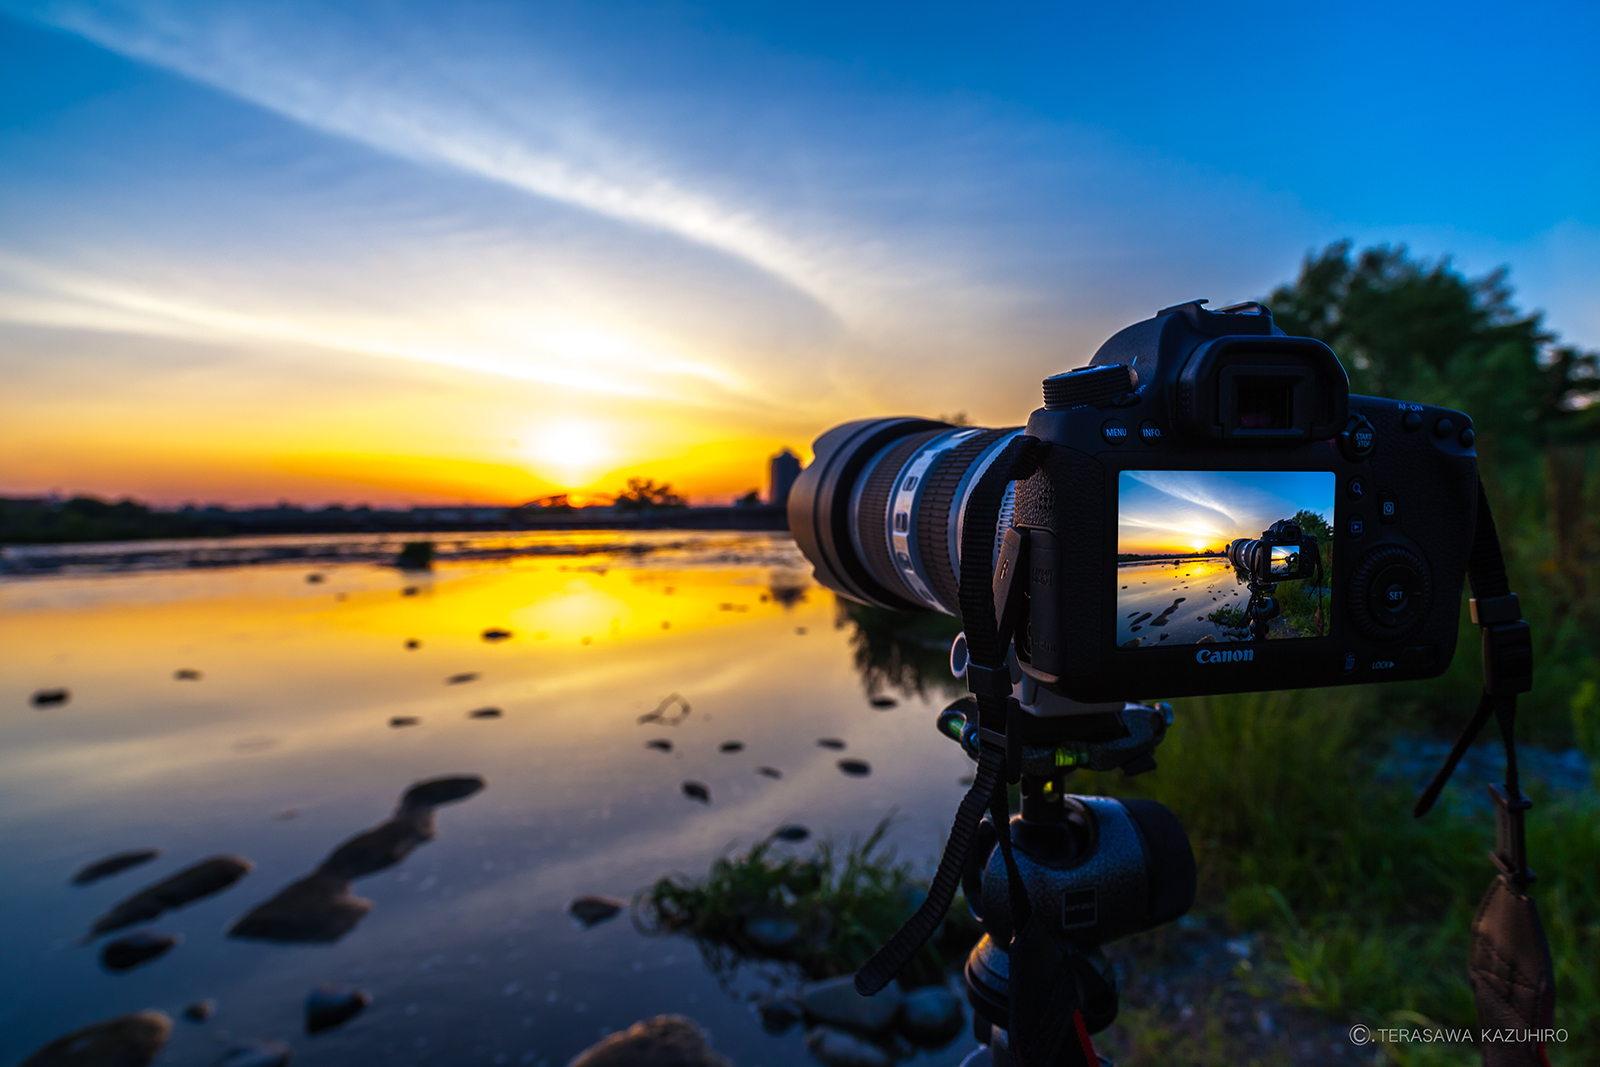 настройки камеры в тревел-фотографии